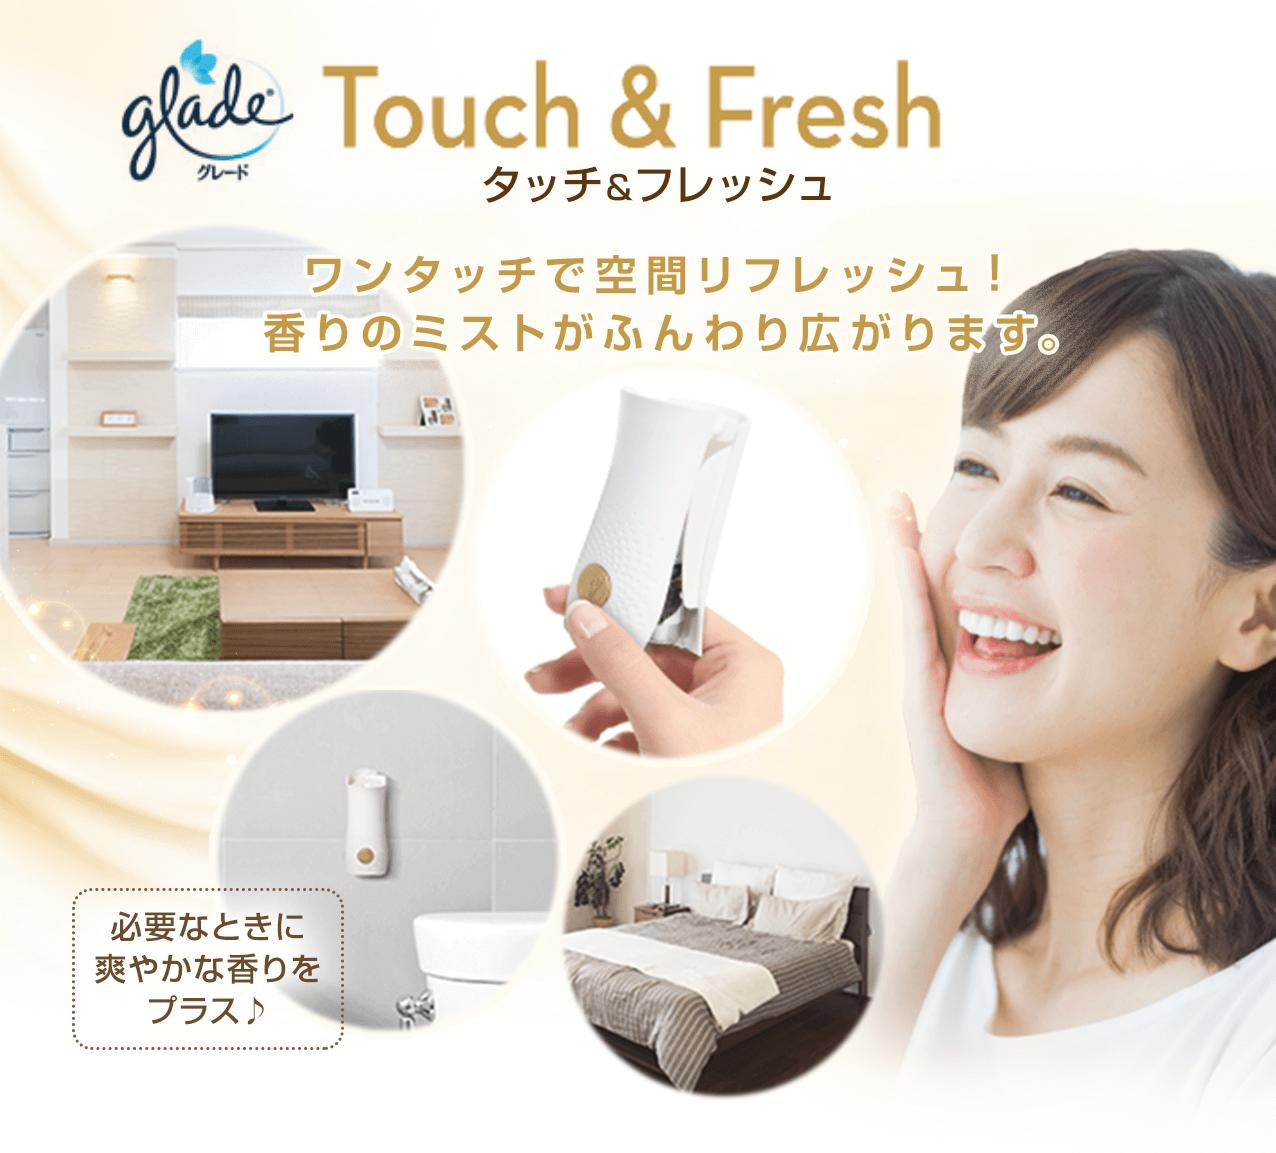 Touch&Fresh タッチ&フレッシュ ワンタッチで空間リフレッシュ!香りのミストがふんわり広がります。